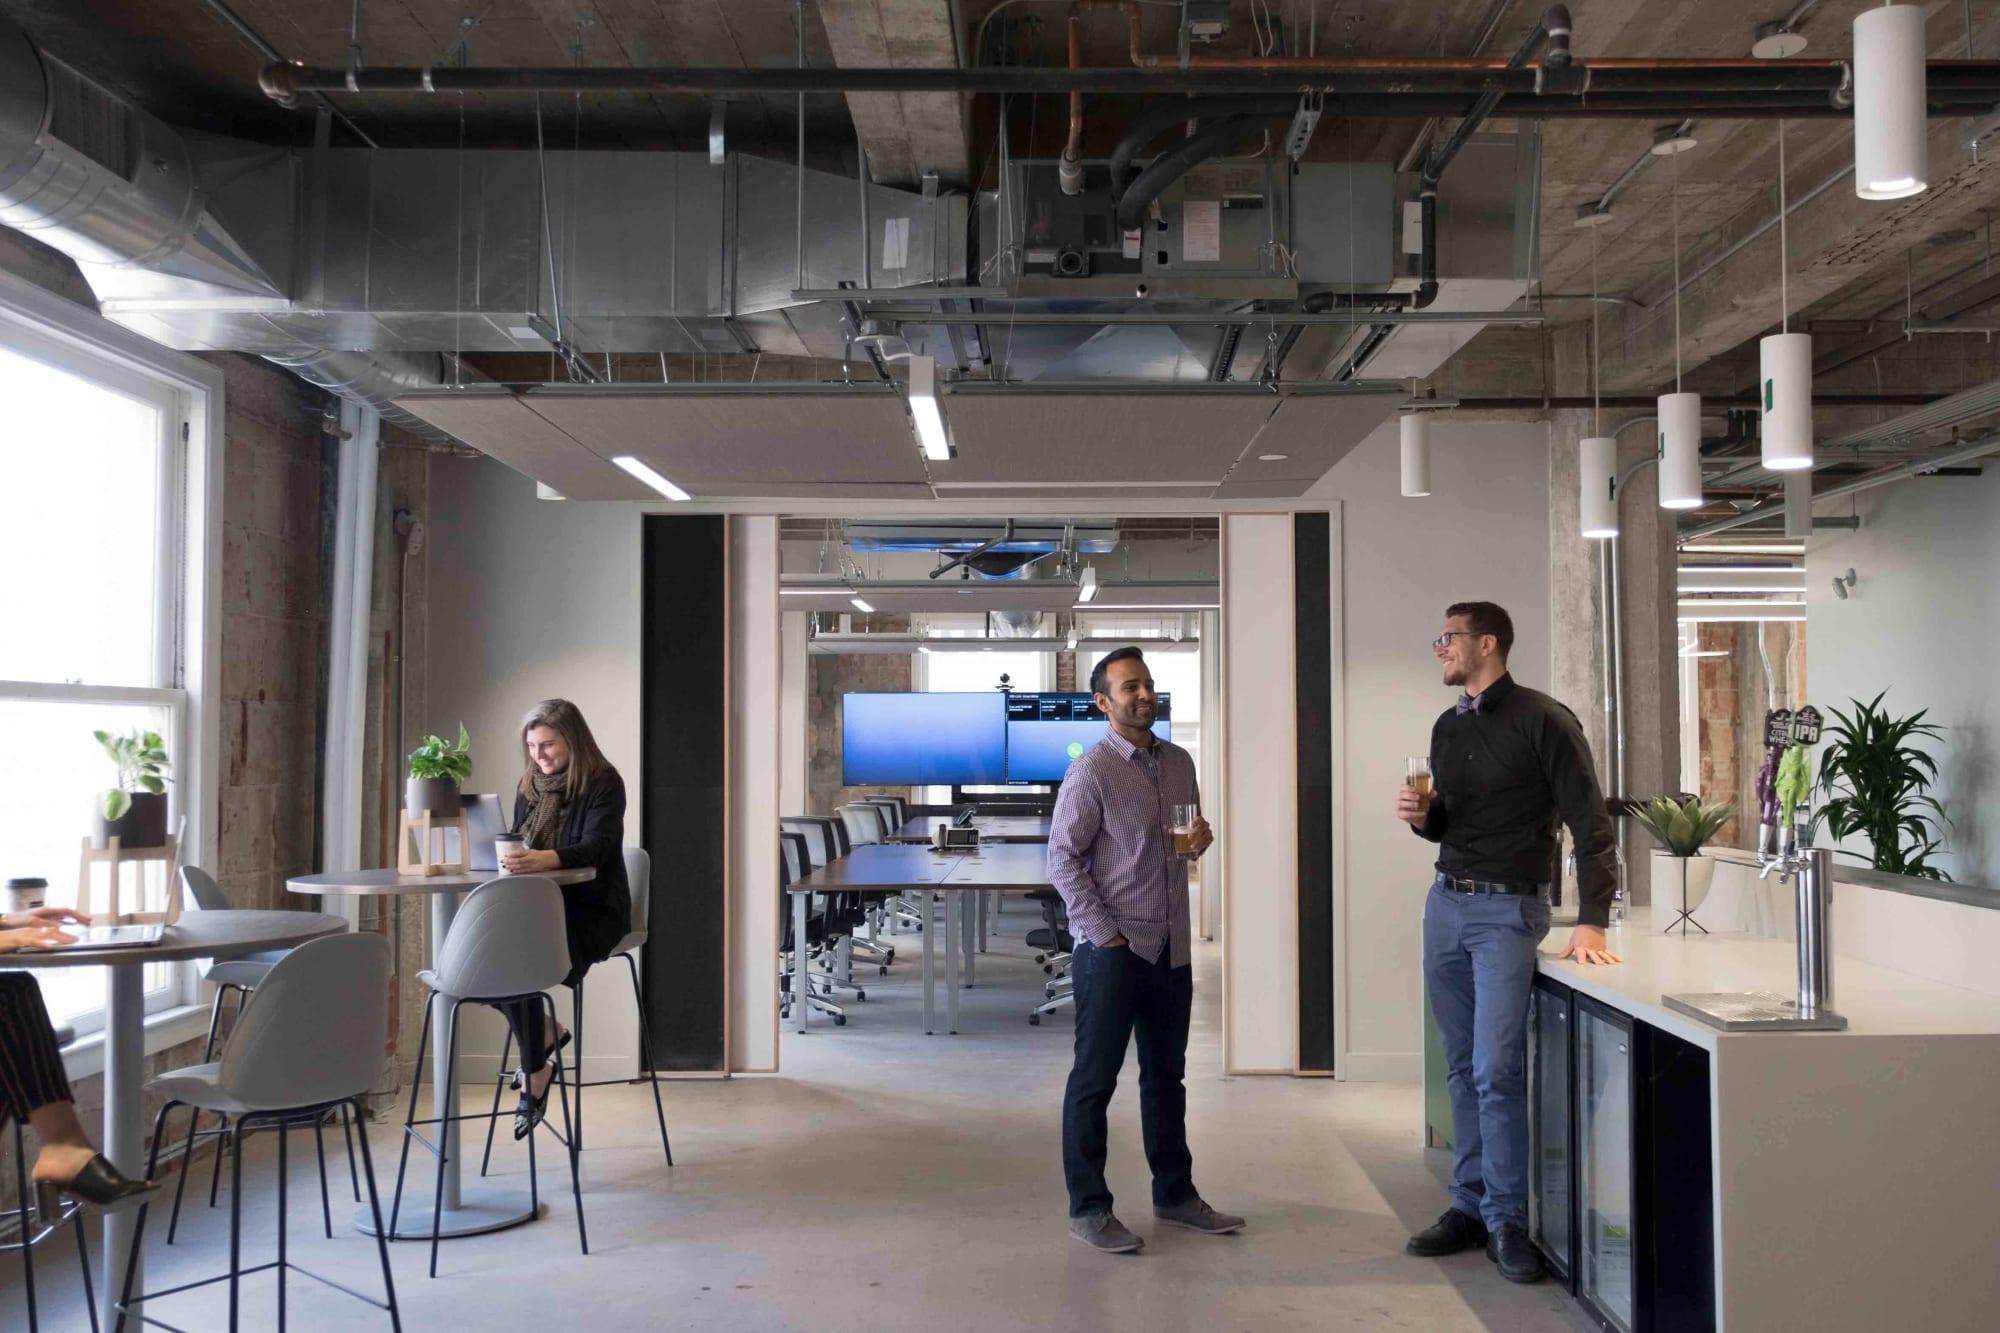 Interior Design by Omgivning seen at Henderson Engineers, Los Angeles - Henderson Engineers